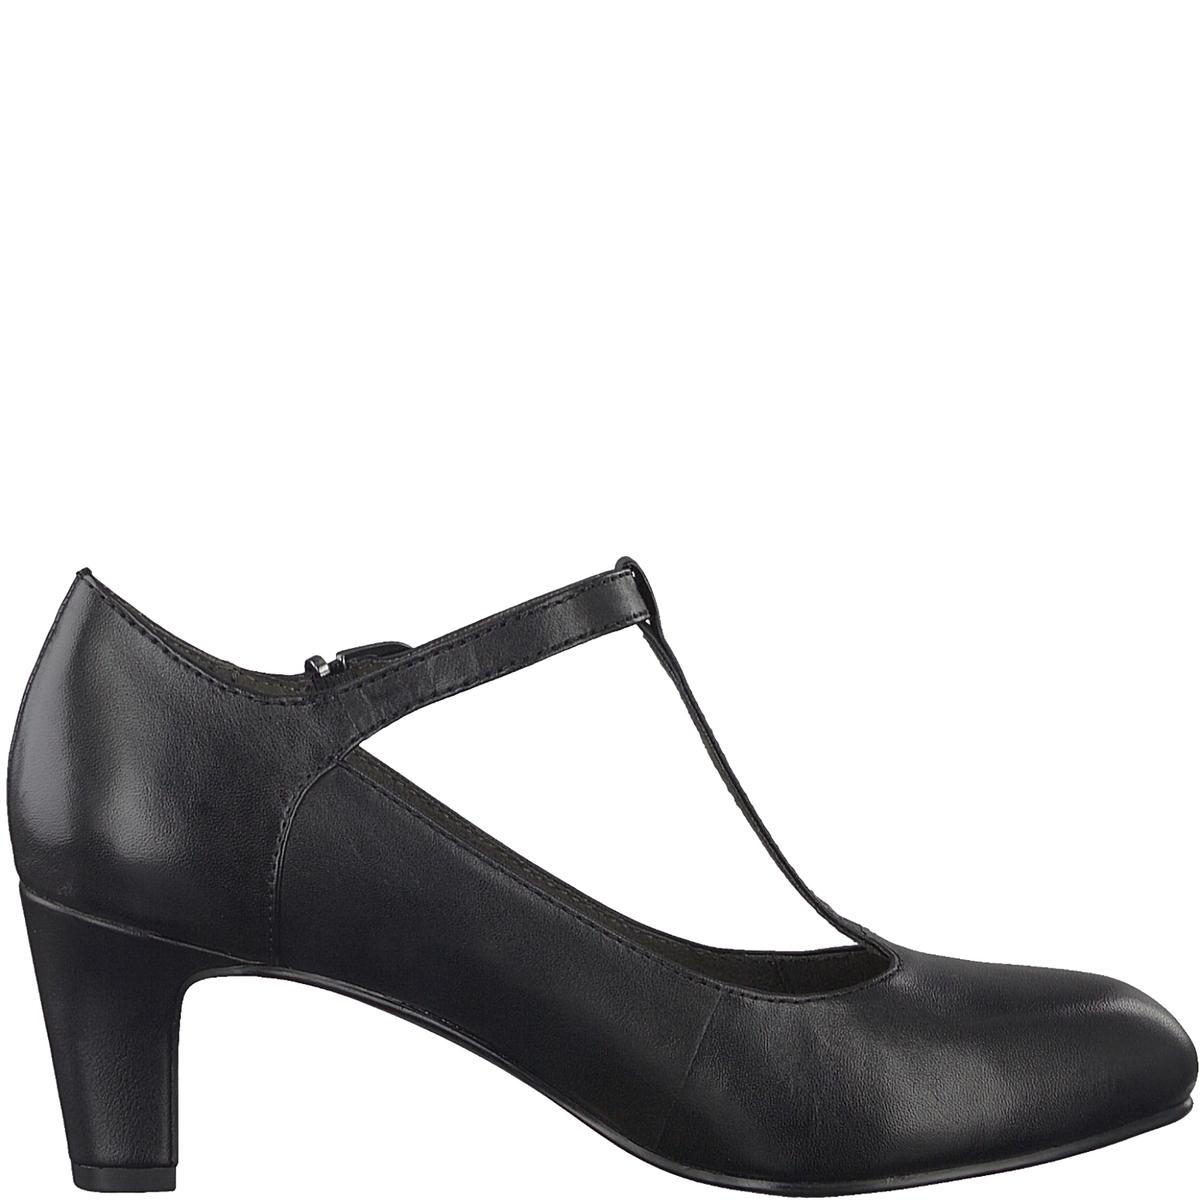 Туфли кожаные CaxiasДетали •  Широкий каблук •  Высота каблука : 6 см •  Застежка : без застежки •  Круглый мысокСостав и уход •  Верх 100% кожа •  Подкладка 50% синтетического материала, 50% текстиля •  Стелька 100% синтетический материал<br><br>Цвет: черный<br>Размер: 40